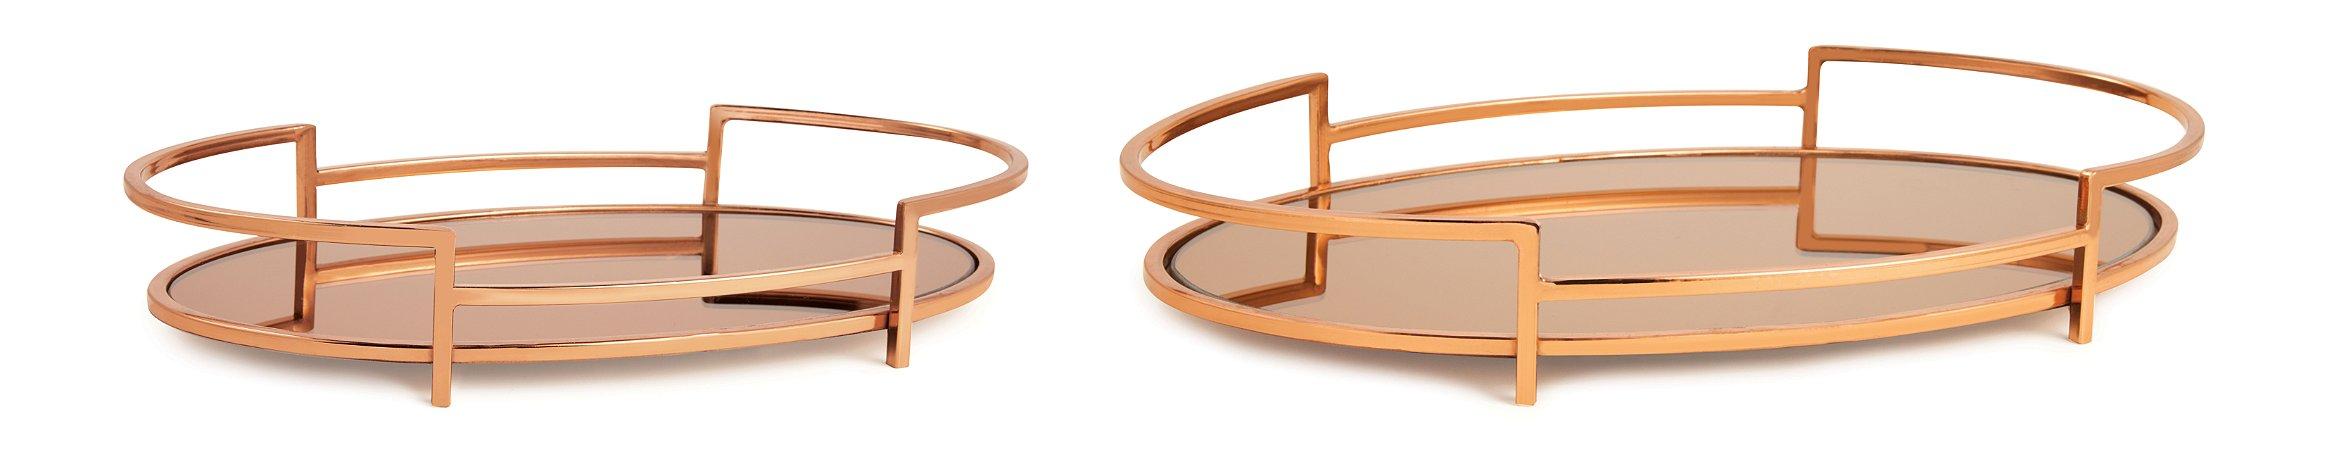 Bandeja Dourada em Metal com Espelho Cobre